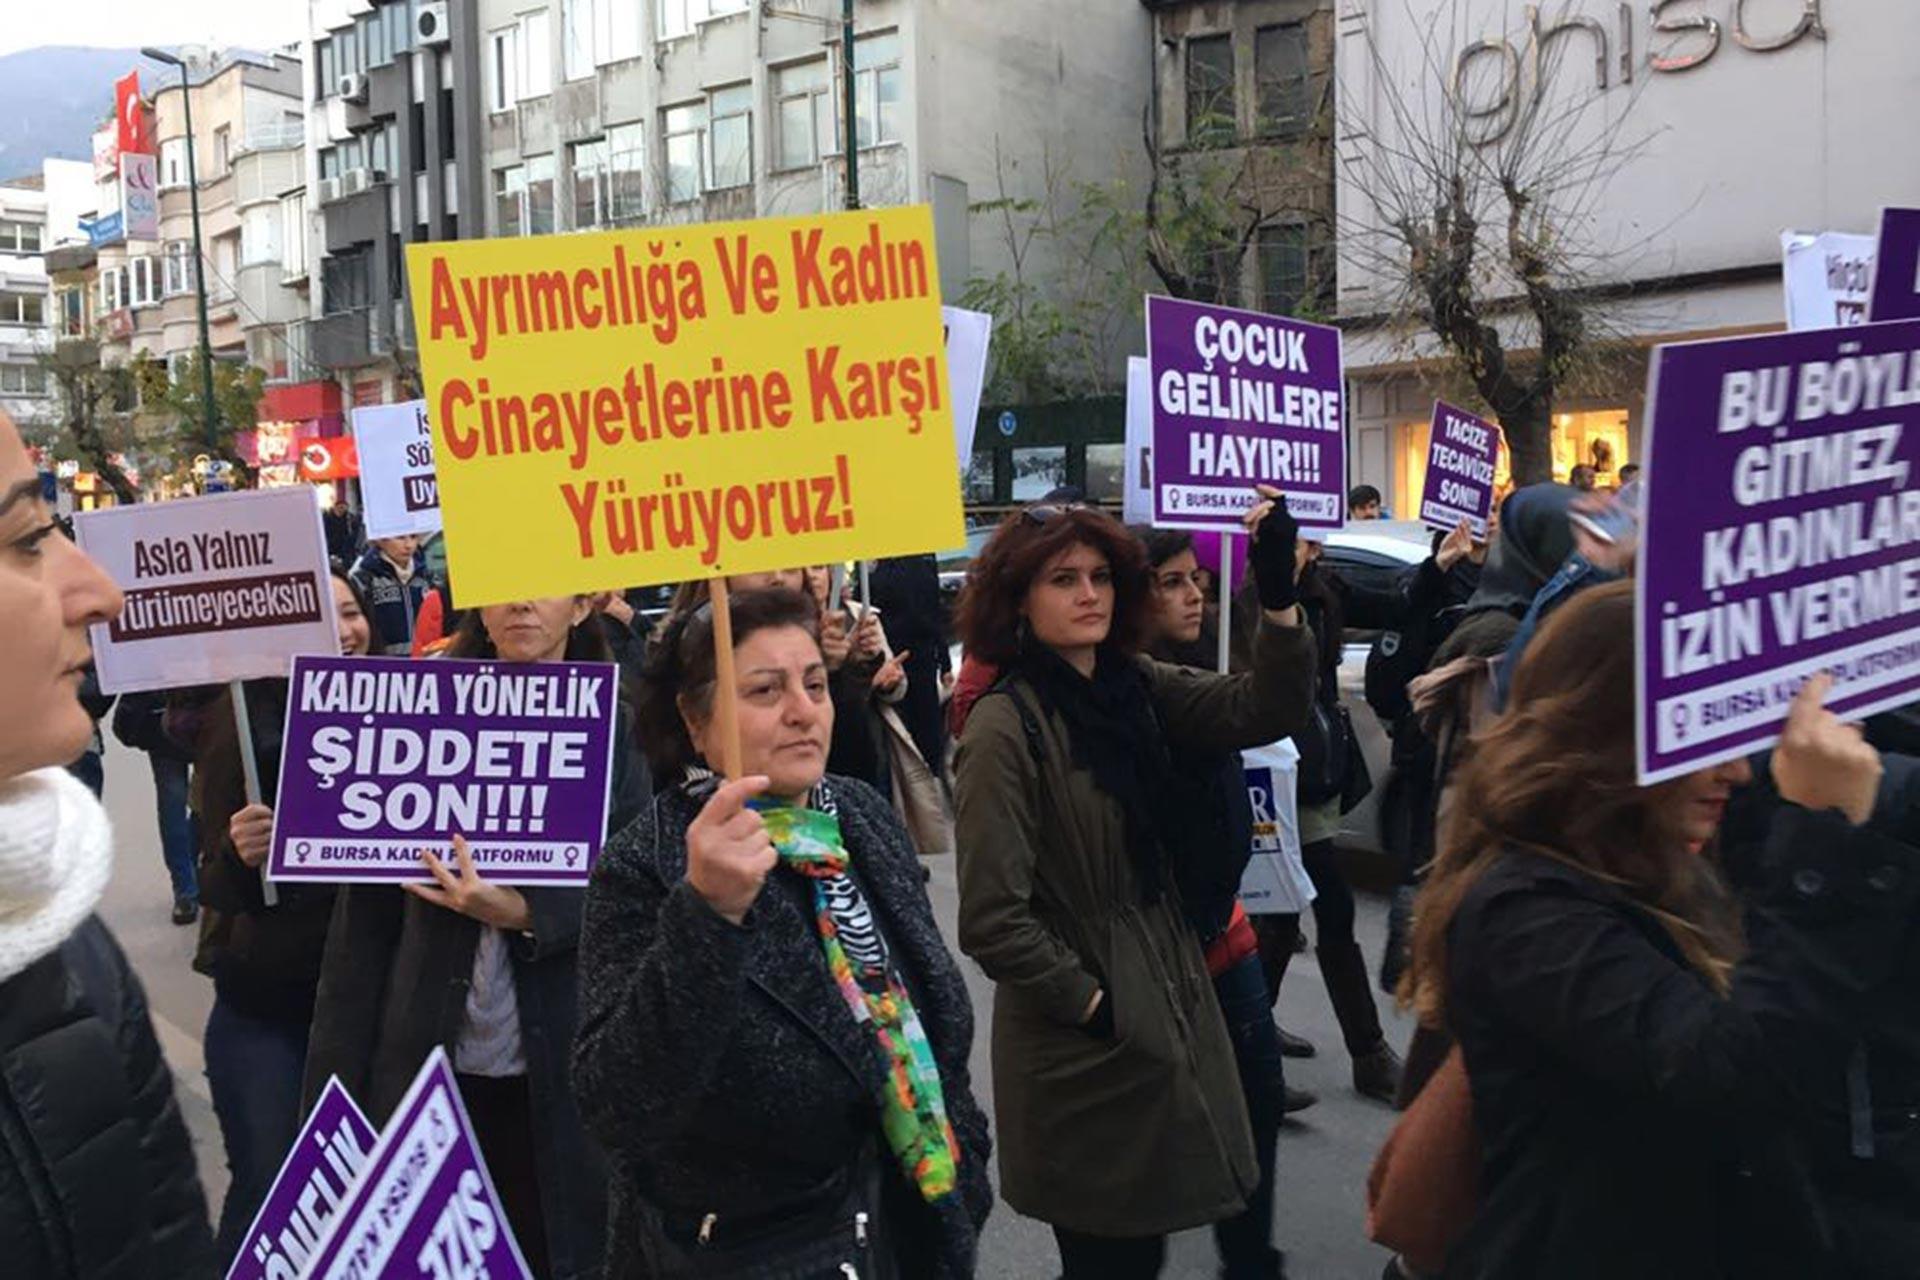 25 Kasım'da yapılan bir eylemde elinde 'Ayrımcılığa ve kadın cinayetlerine karşı yürüyoruz!' yazılı döviz tutan kadın